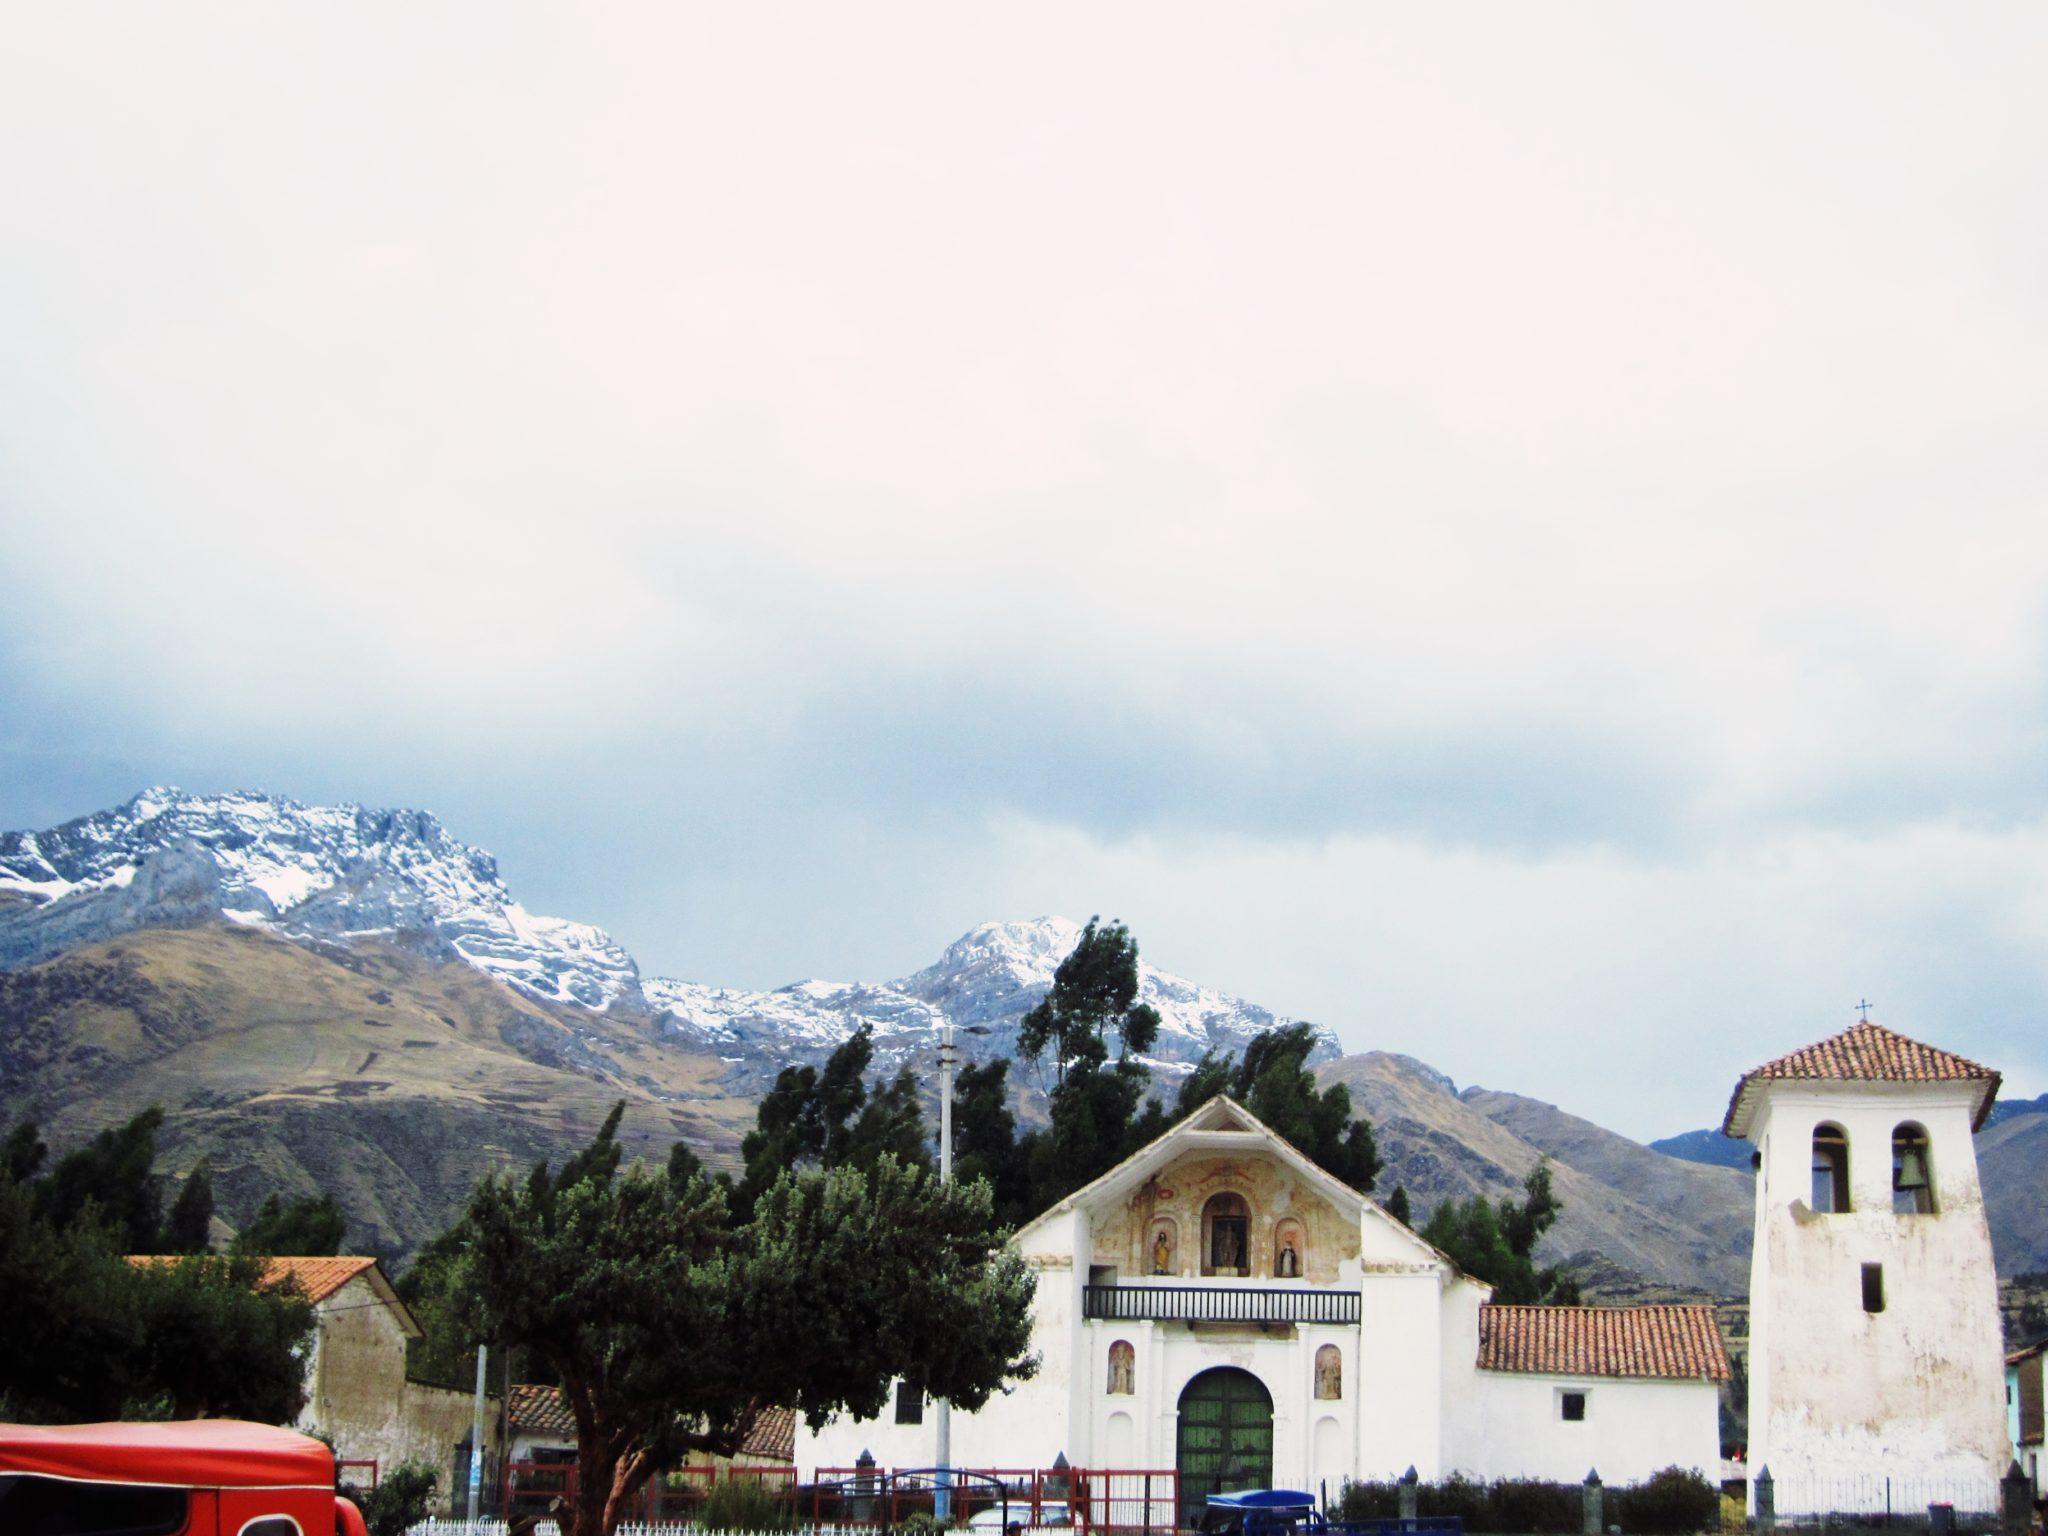 ペルー, クスコ, アンデス, 田舎